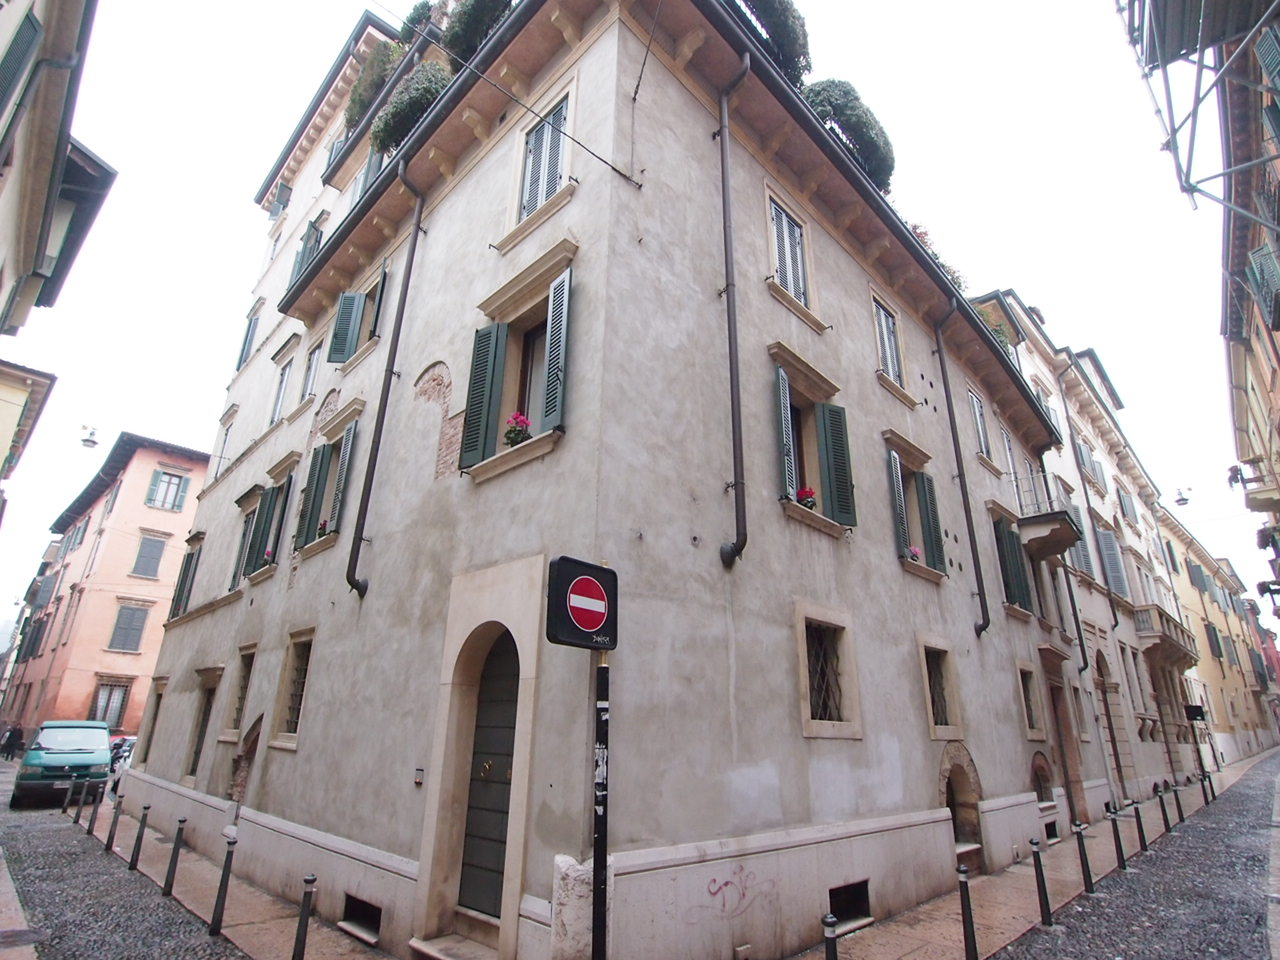 Appartamento in affitto a Verona, 3 locali, zona Località: Centrostorico, prezzo € 850 | CambioCasa.it